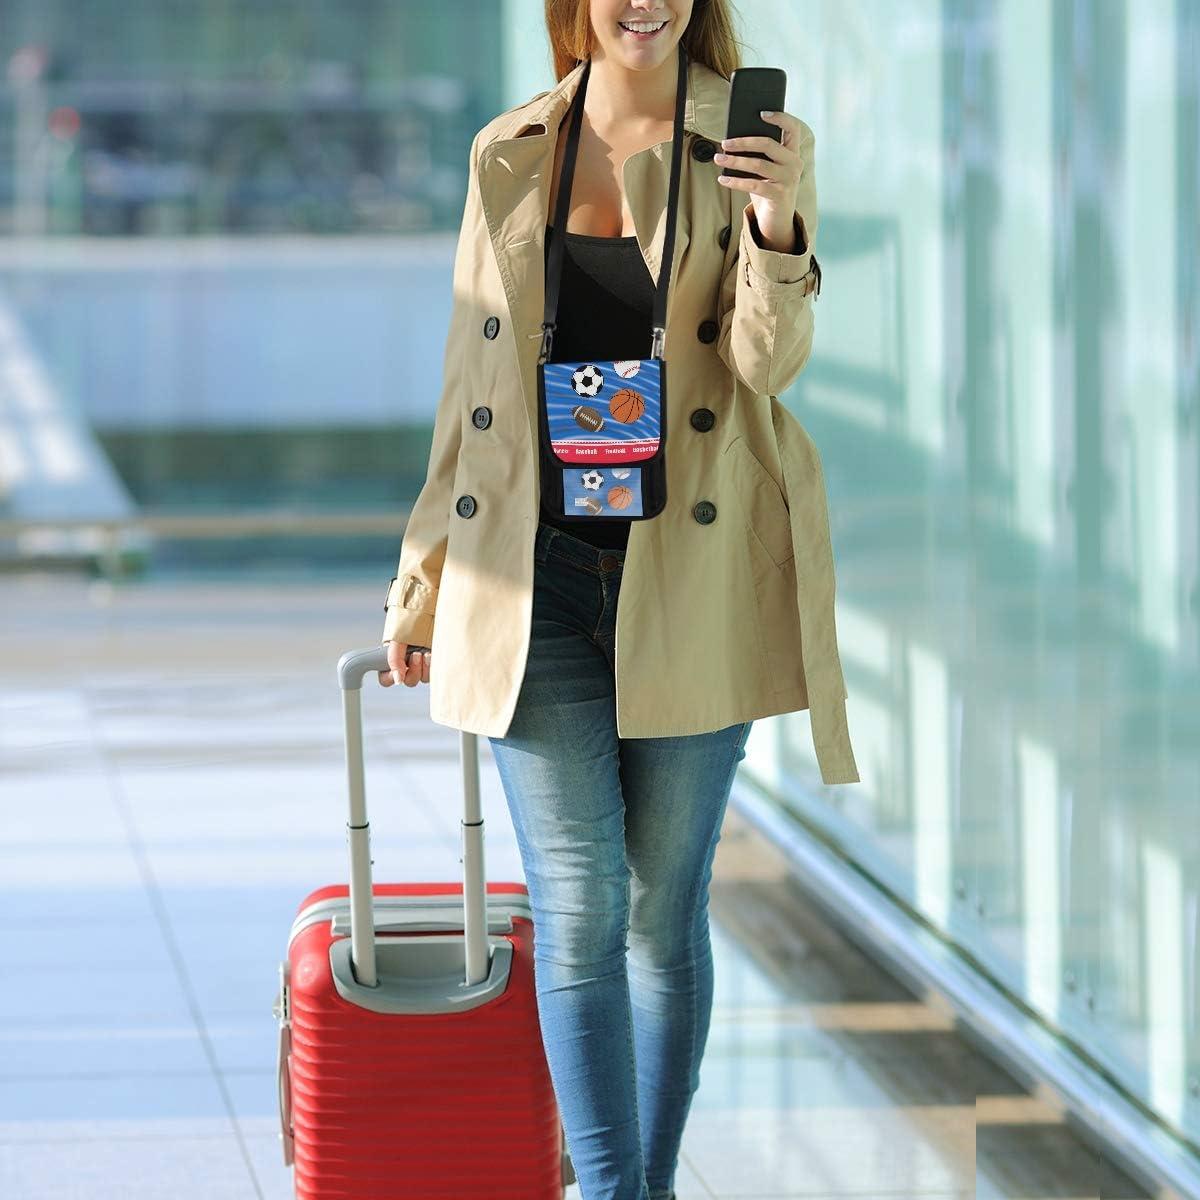 taille unique Portefeuille de voyage pour homme et femme Multicolore Balles de sport 1